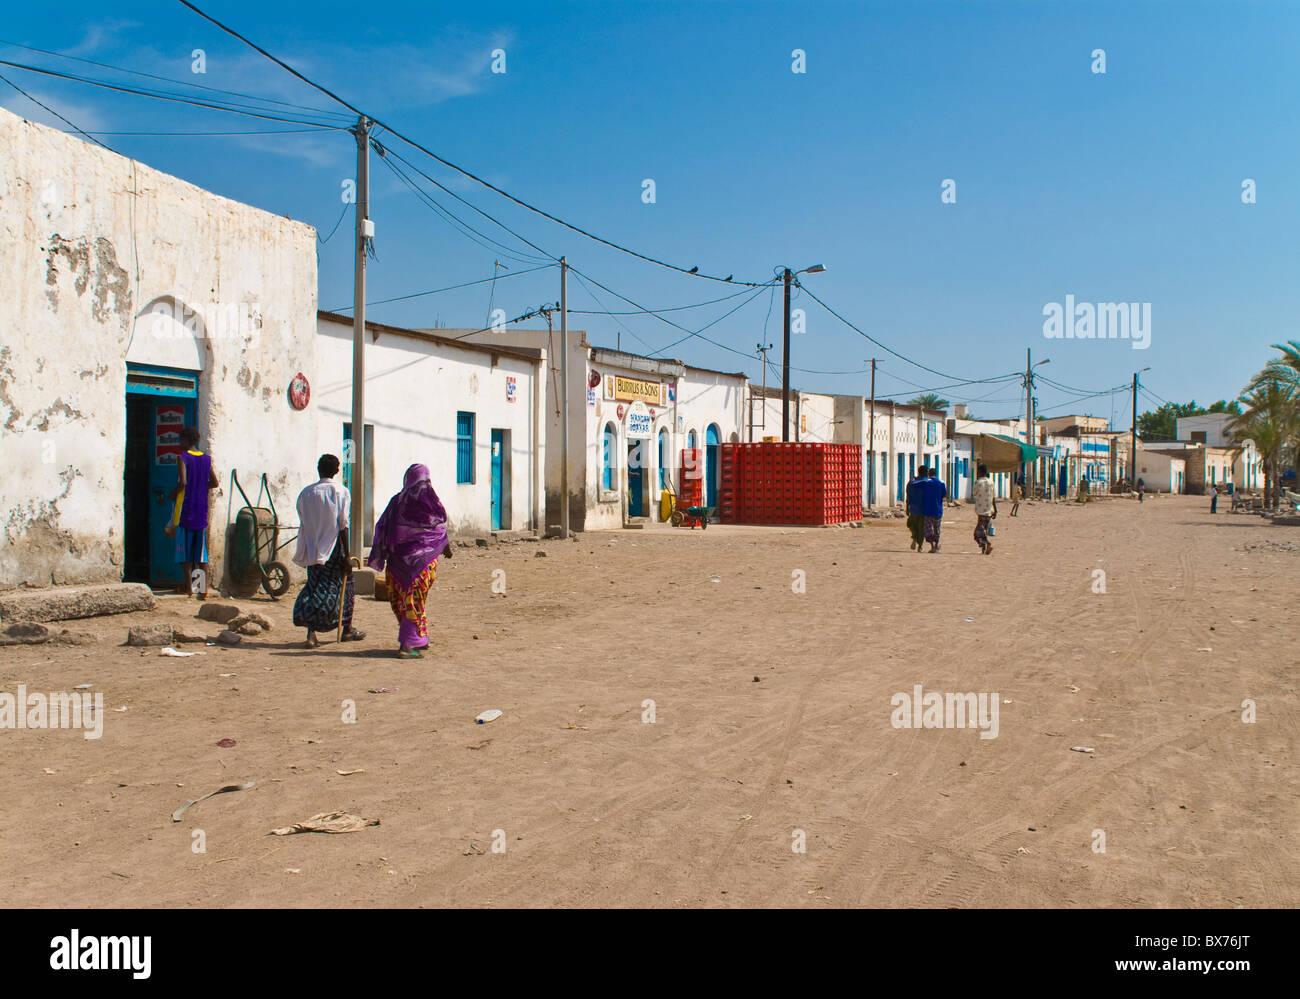 Street scene in Tadjoura, Republic of Djibouti, Africa - Stock Image